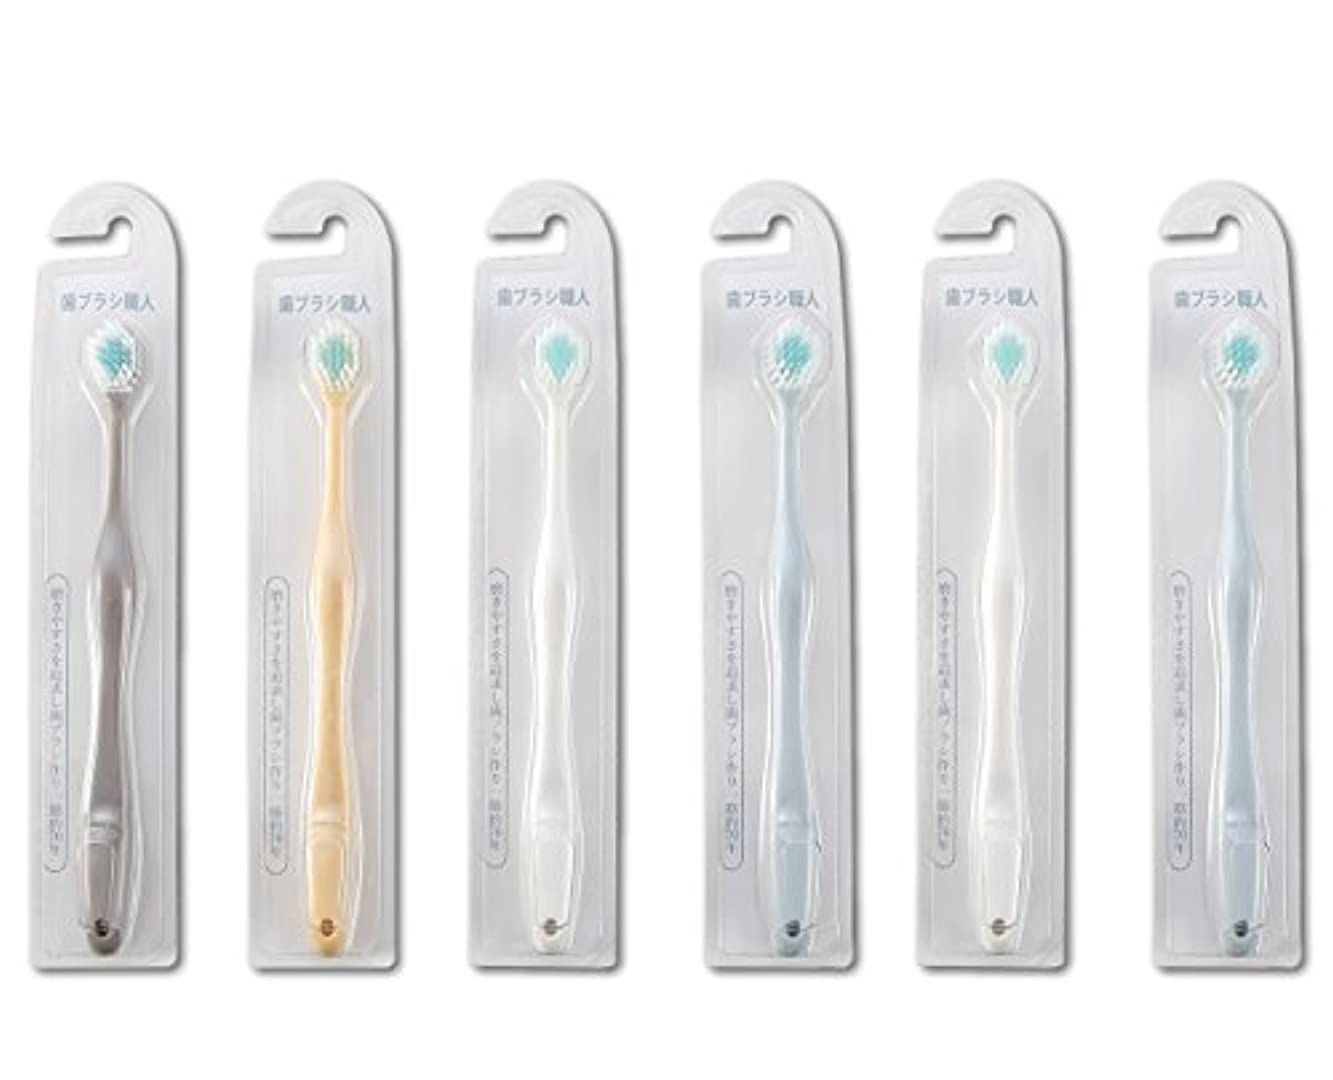 海賊機会モットー歯ブラシ職人Artooth ® 田辺重吉 磨きやすい歯ブラシ ワイド 6列レギュラー AT-30 (6本組)